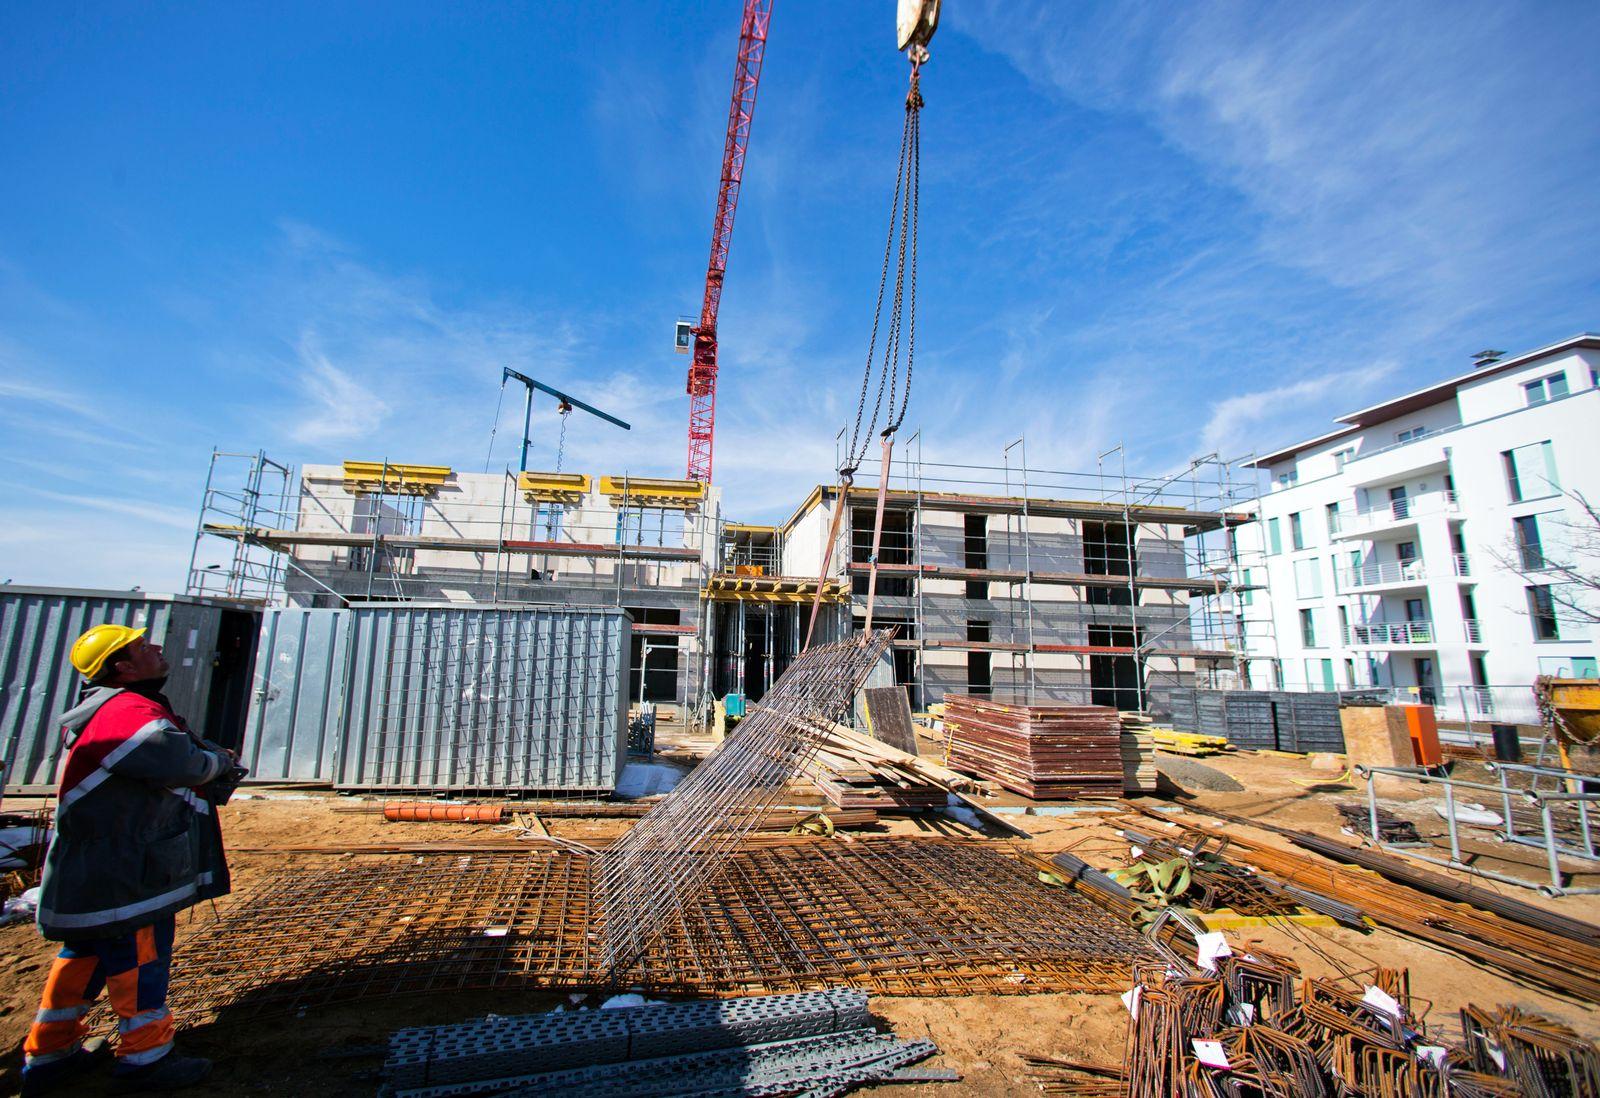 Baukredit / Bauen / Hausbau / Wohnungsbau